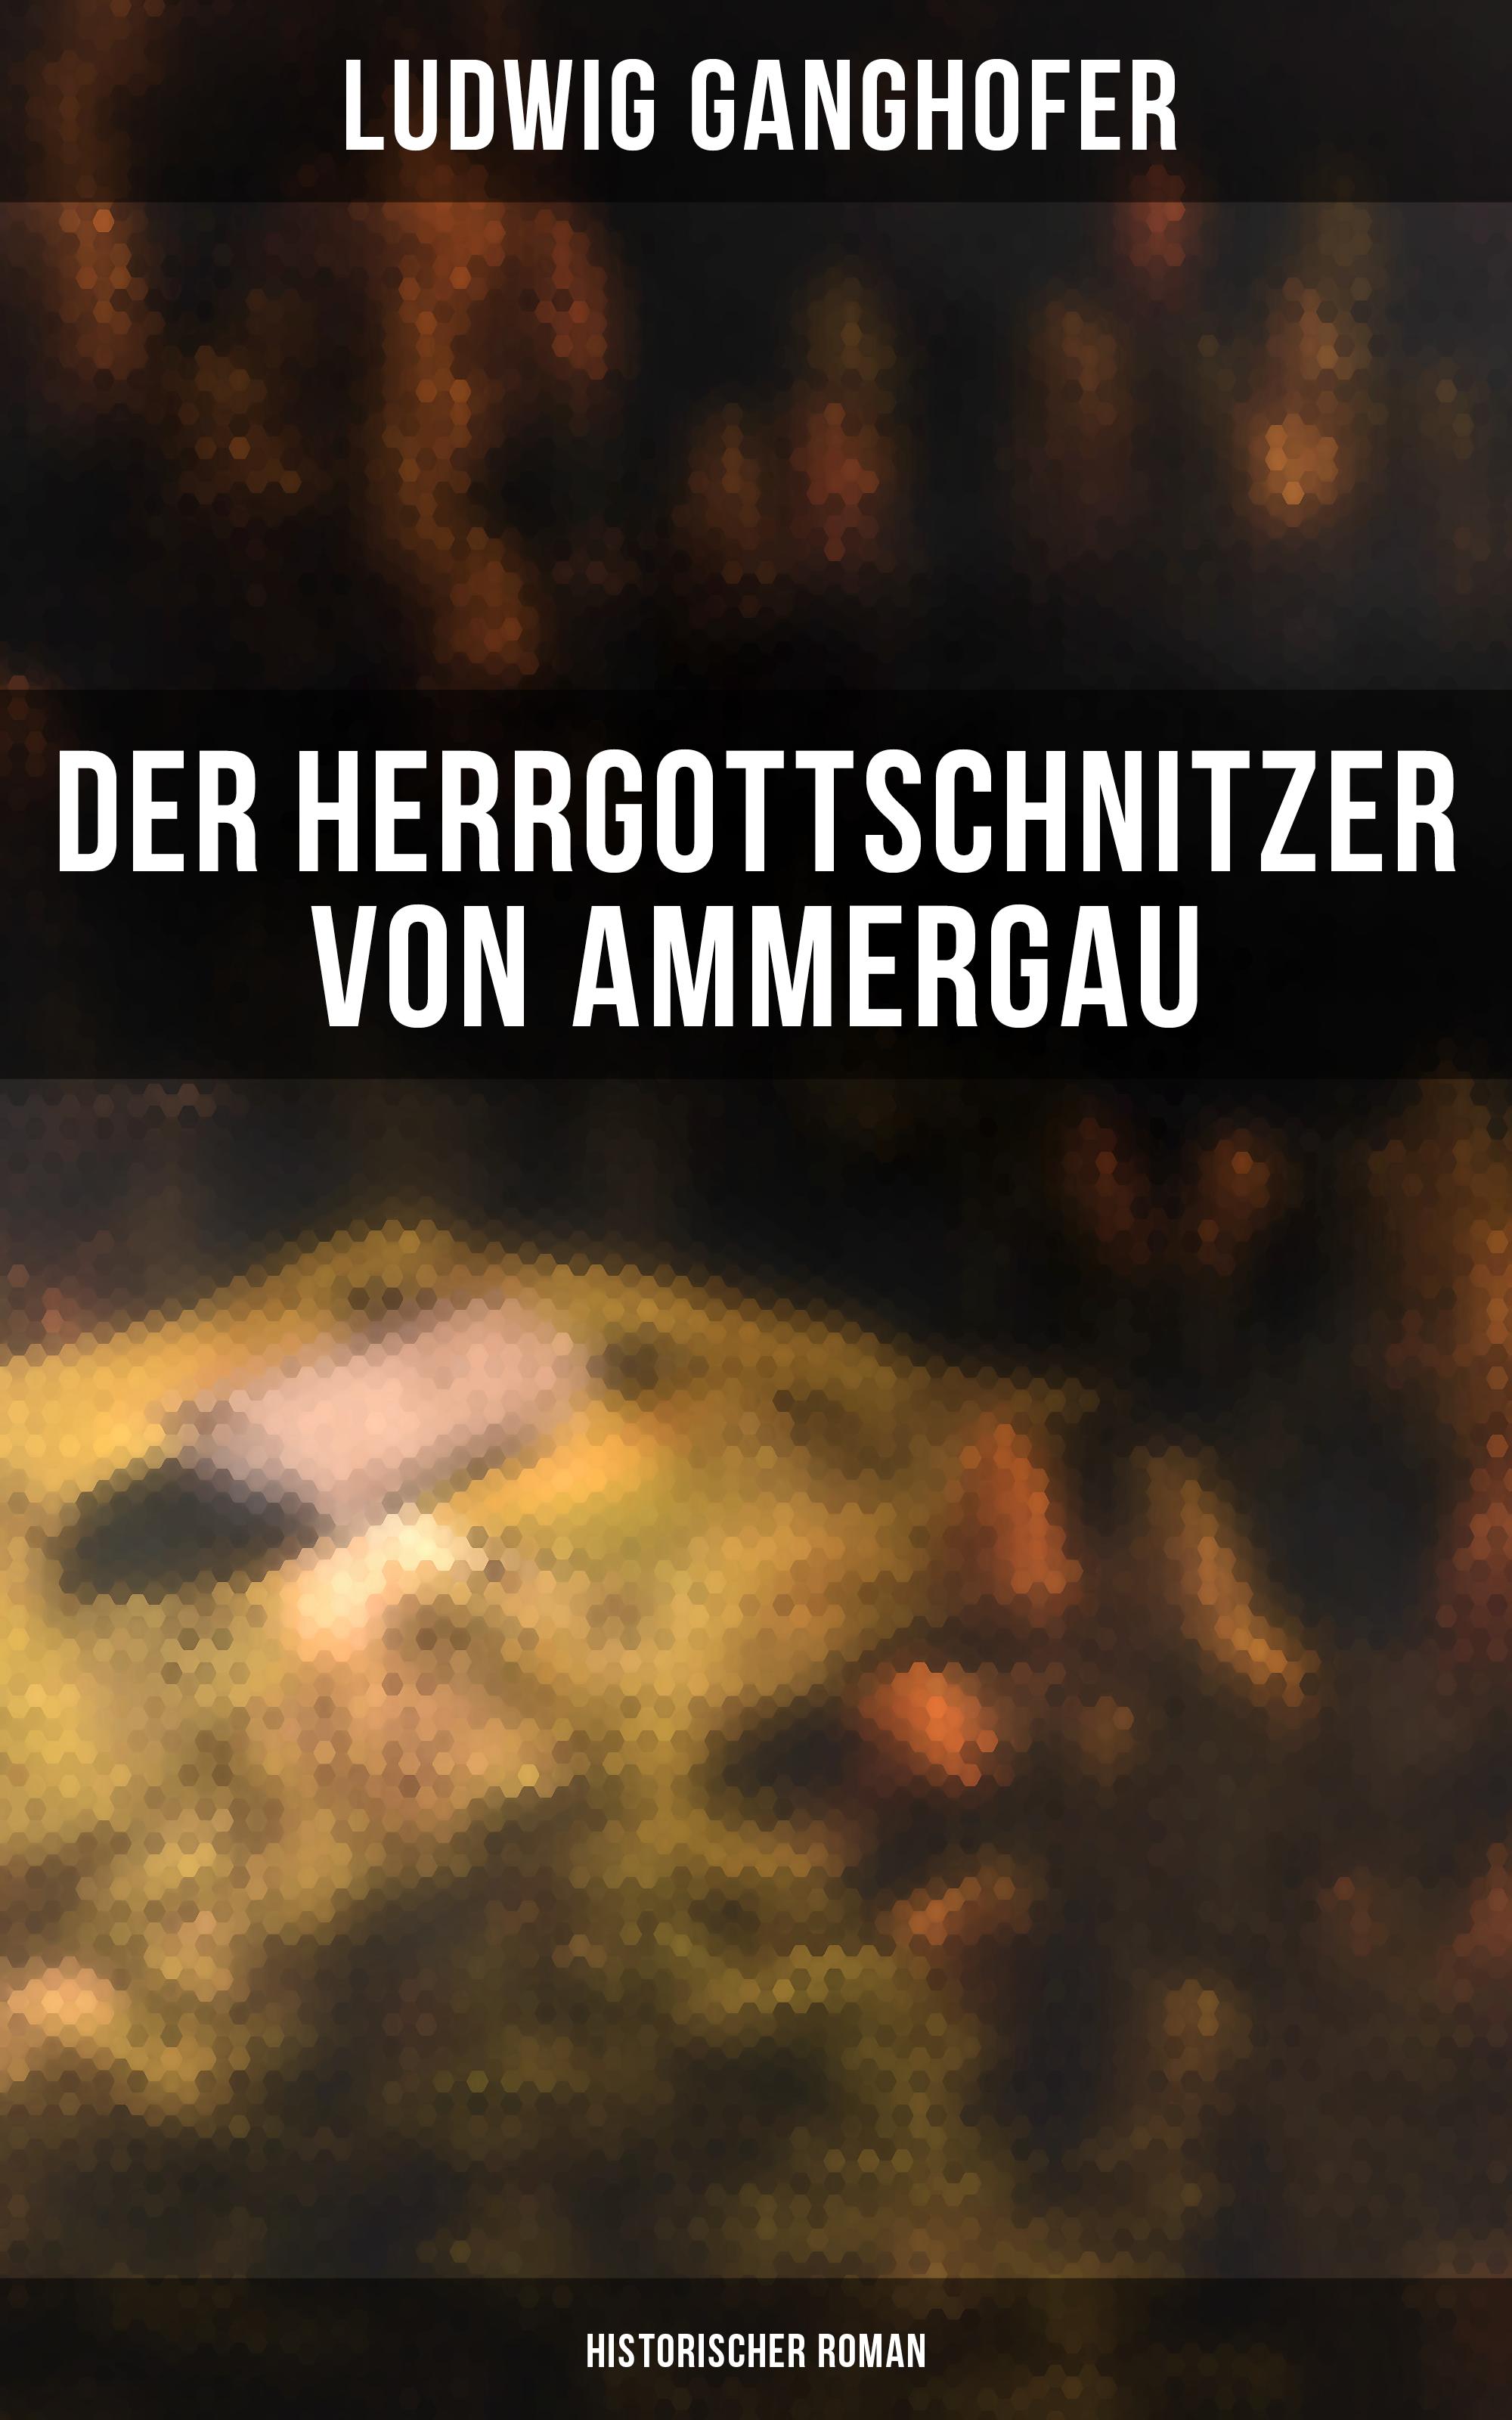 Ludwig Ganghofer Der Herrgottschnitzer von Ammergau: Historischer Roman rebecca myga der deutsche regionalkrimi der roman vogelwild von richard auer